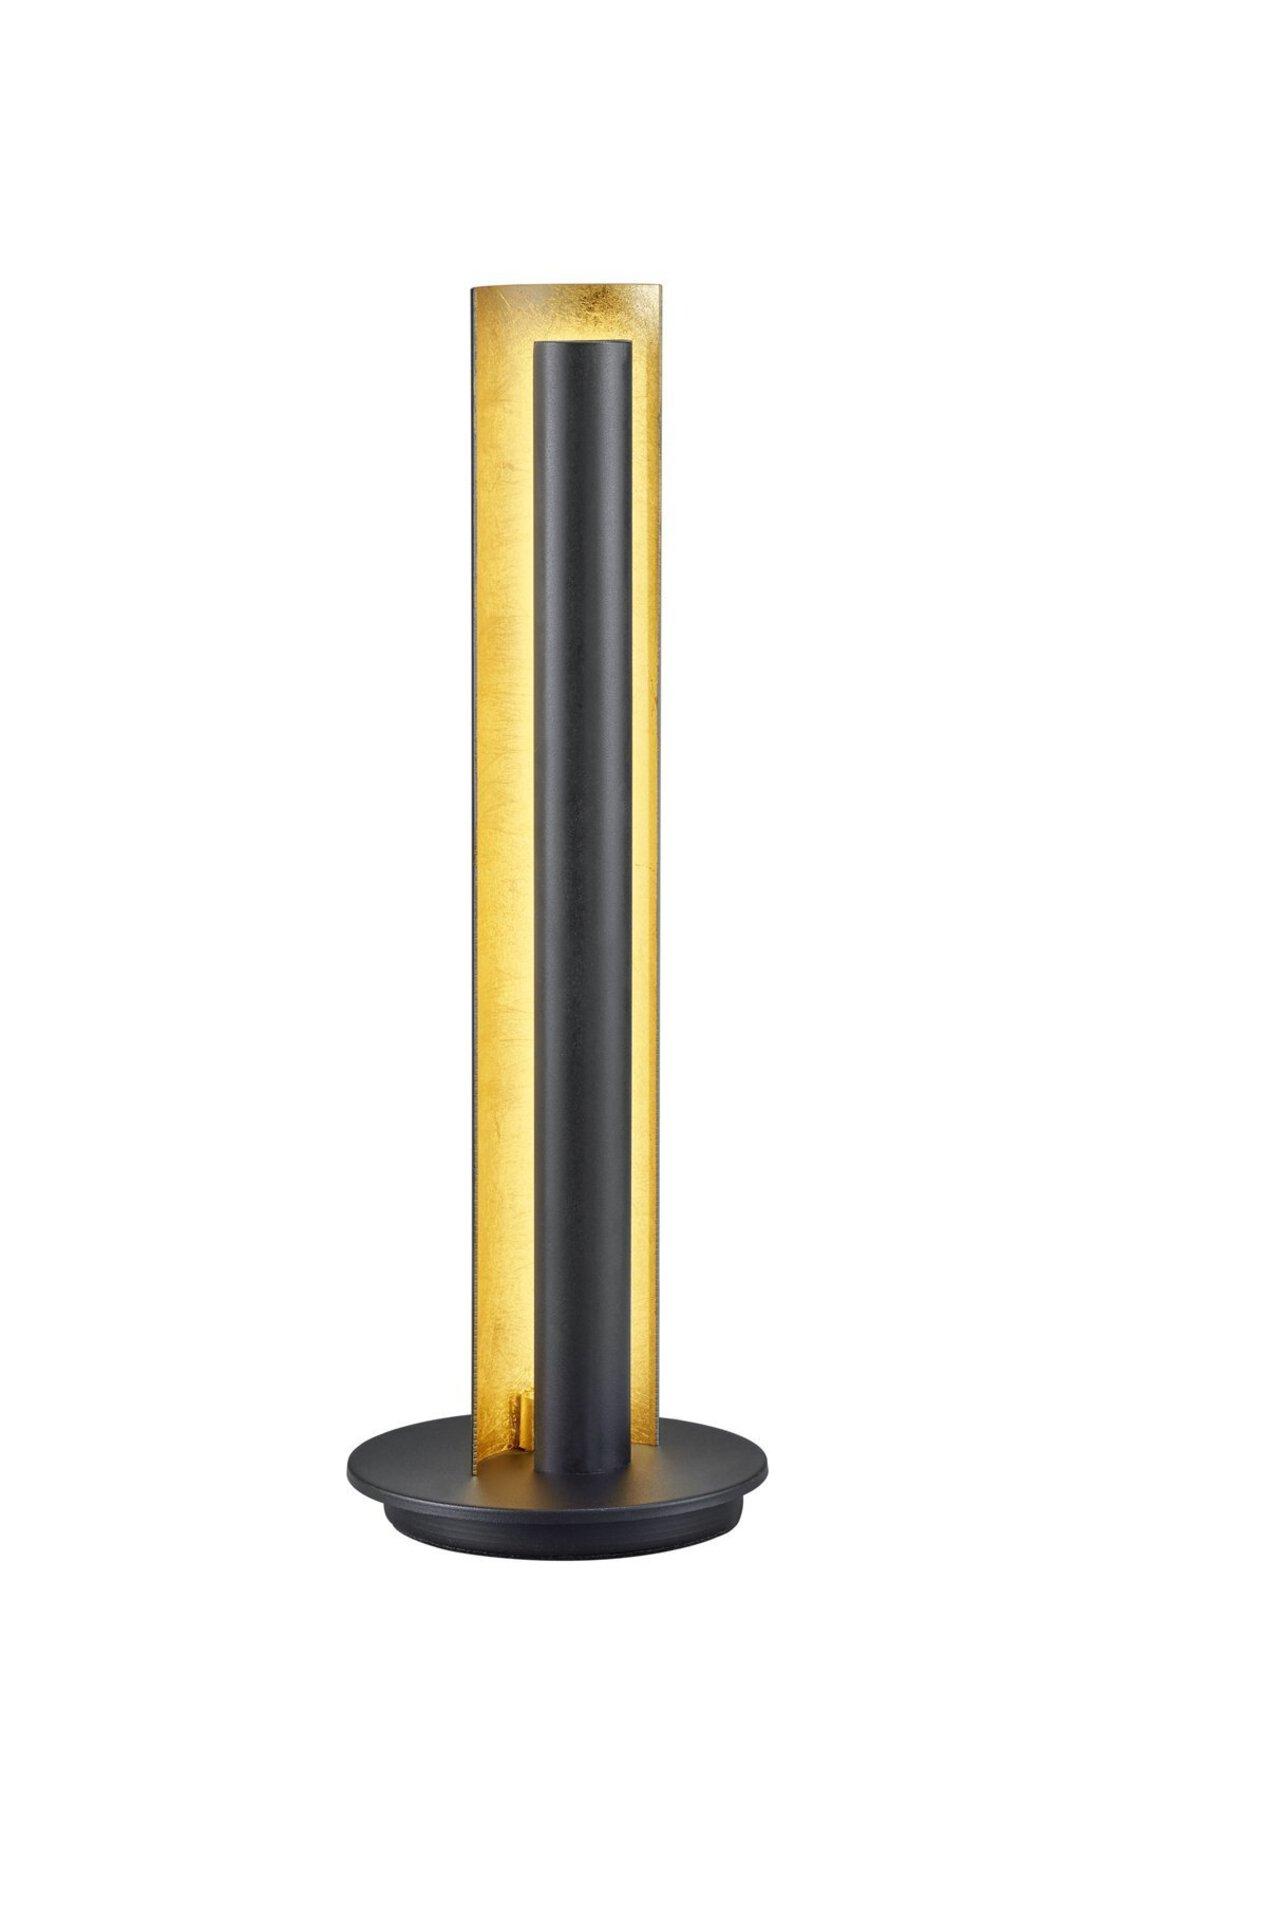 Tischleuchte Texel Trio Leuchten Metall schwarz 16 x 48 x 16 cm